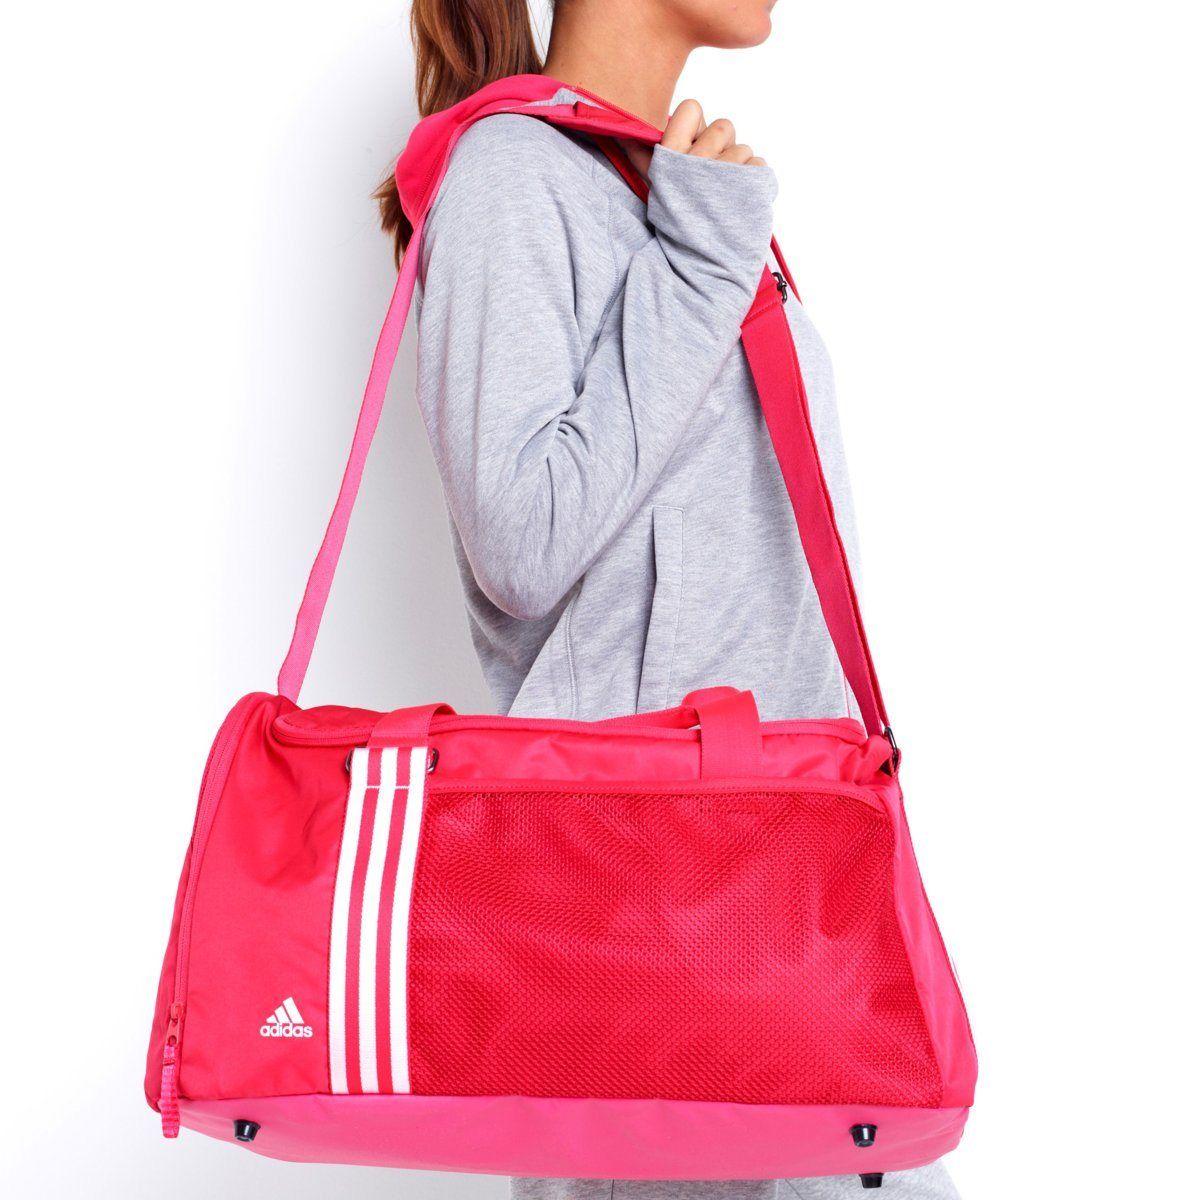 911fa37c37 Sac de sport, Adidas | Adidas | Adidas fashion, Adidas, Fashion